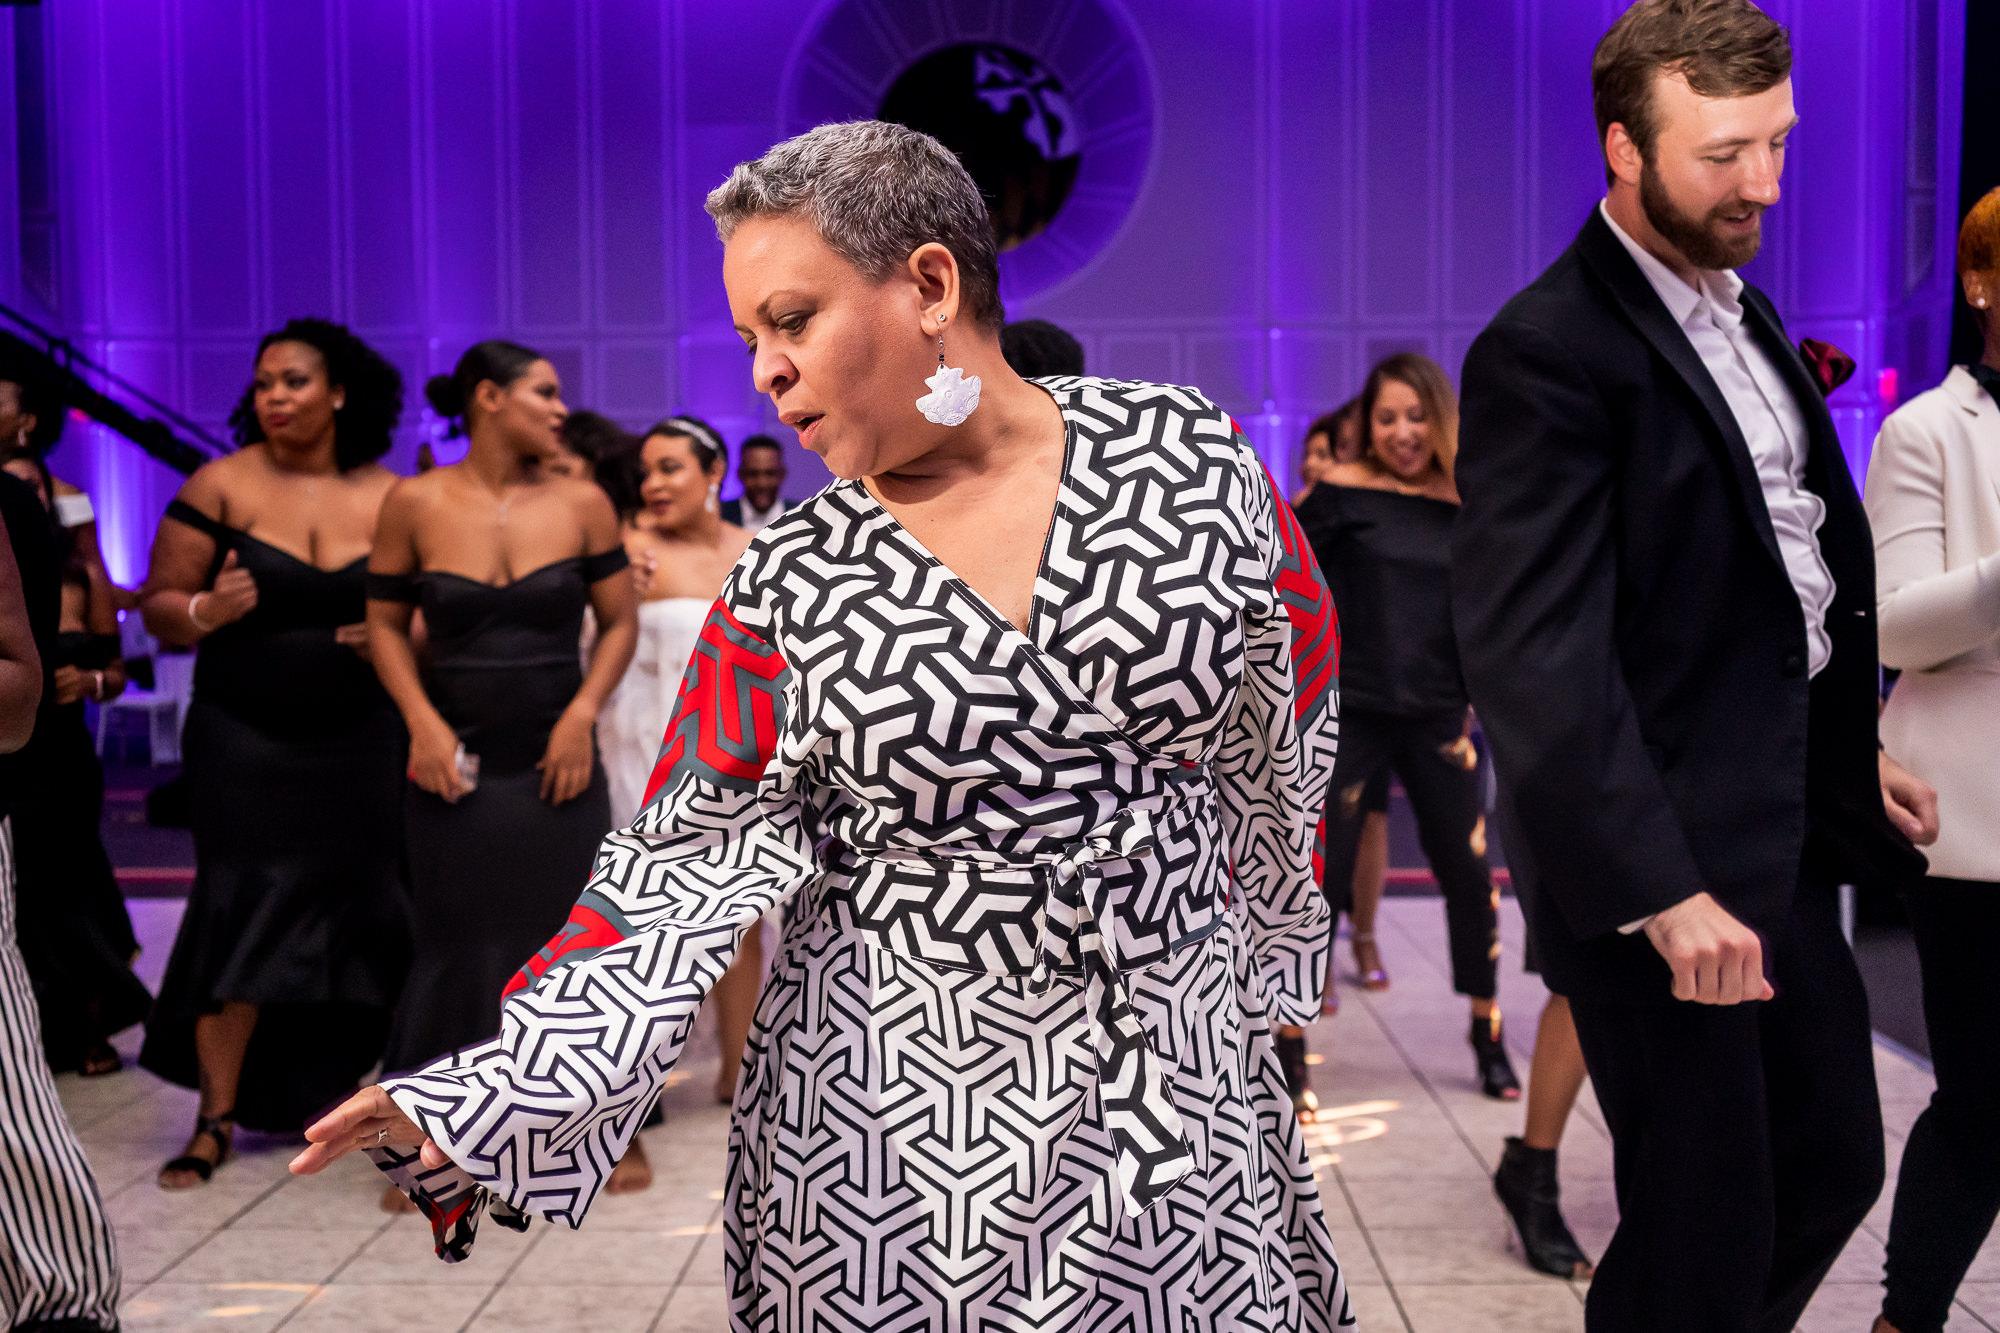 067-067-christopher-jason-studios-university-of-maryland-wedding-raheem-Devaughn-african-american-bride-and-groom.jpg